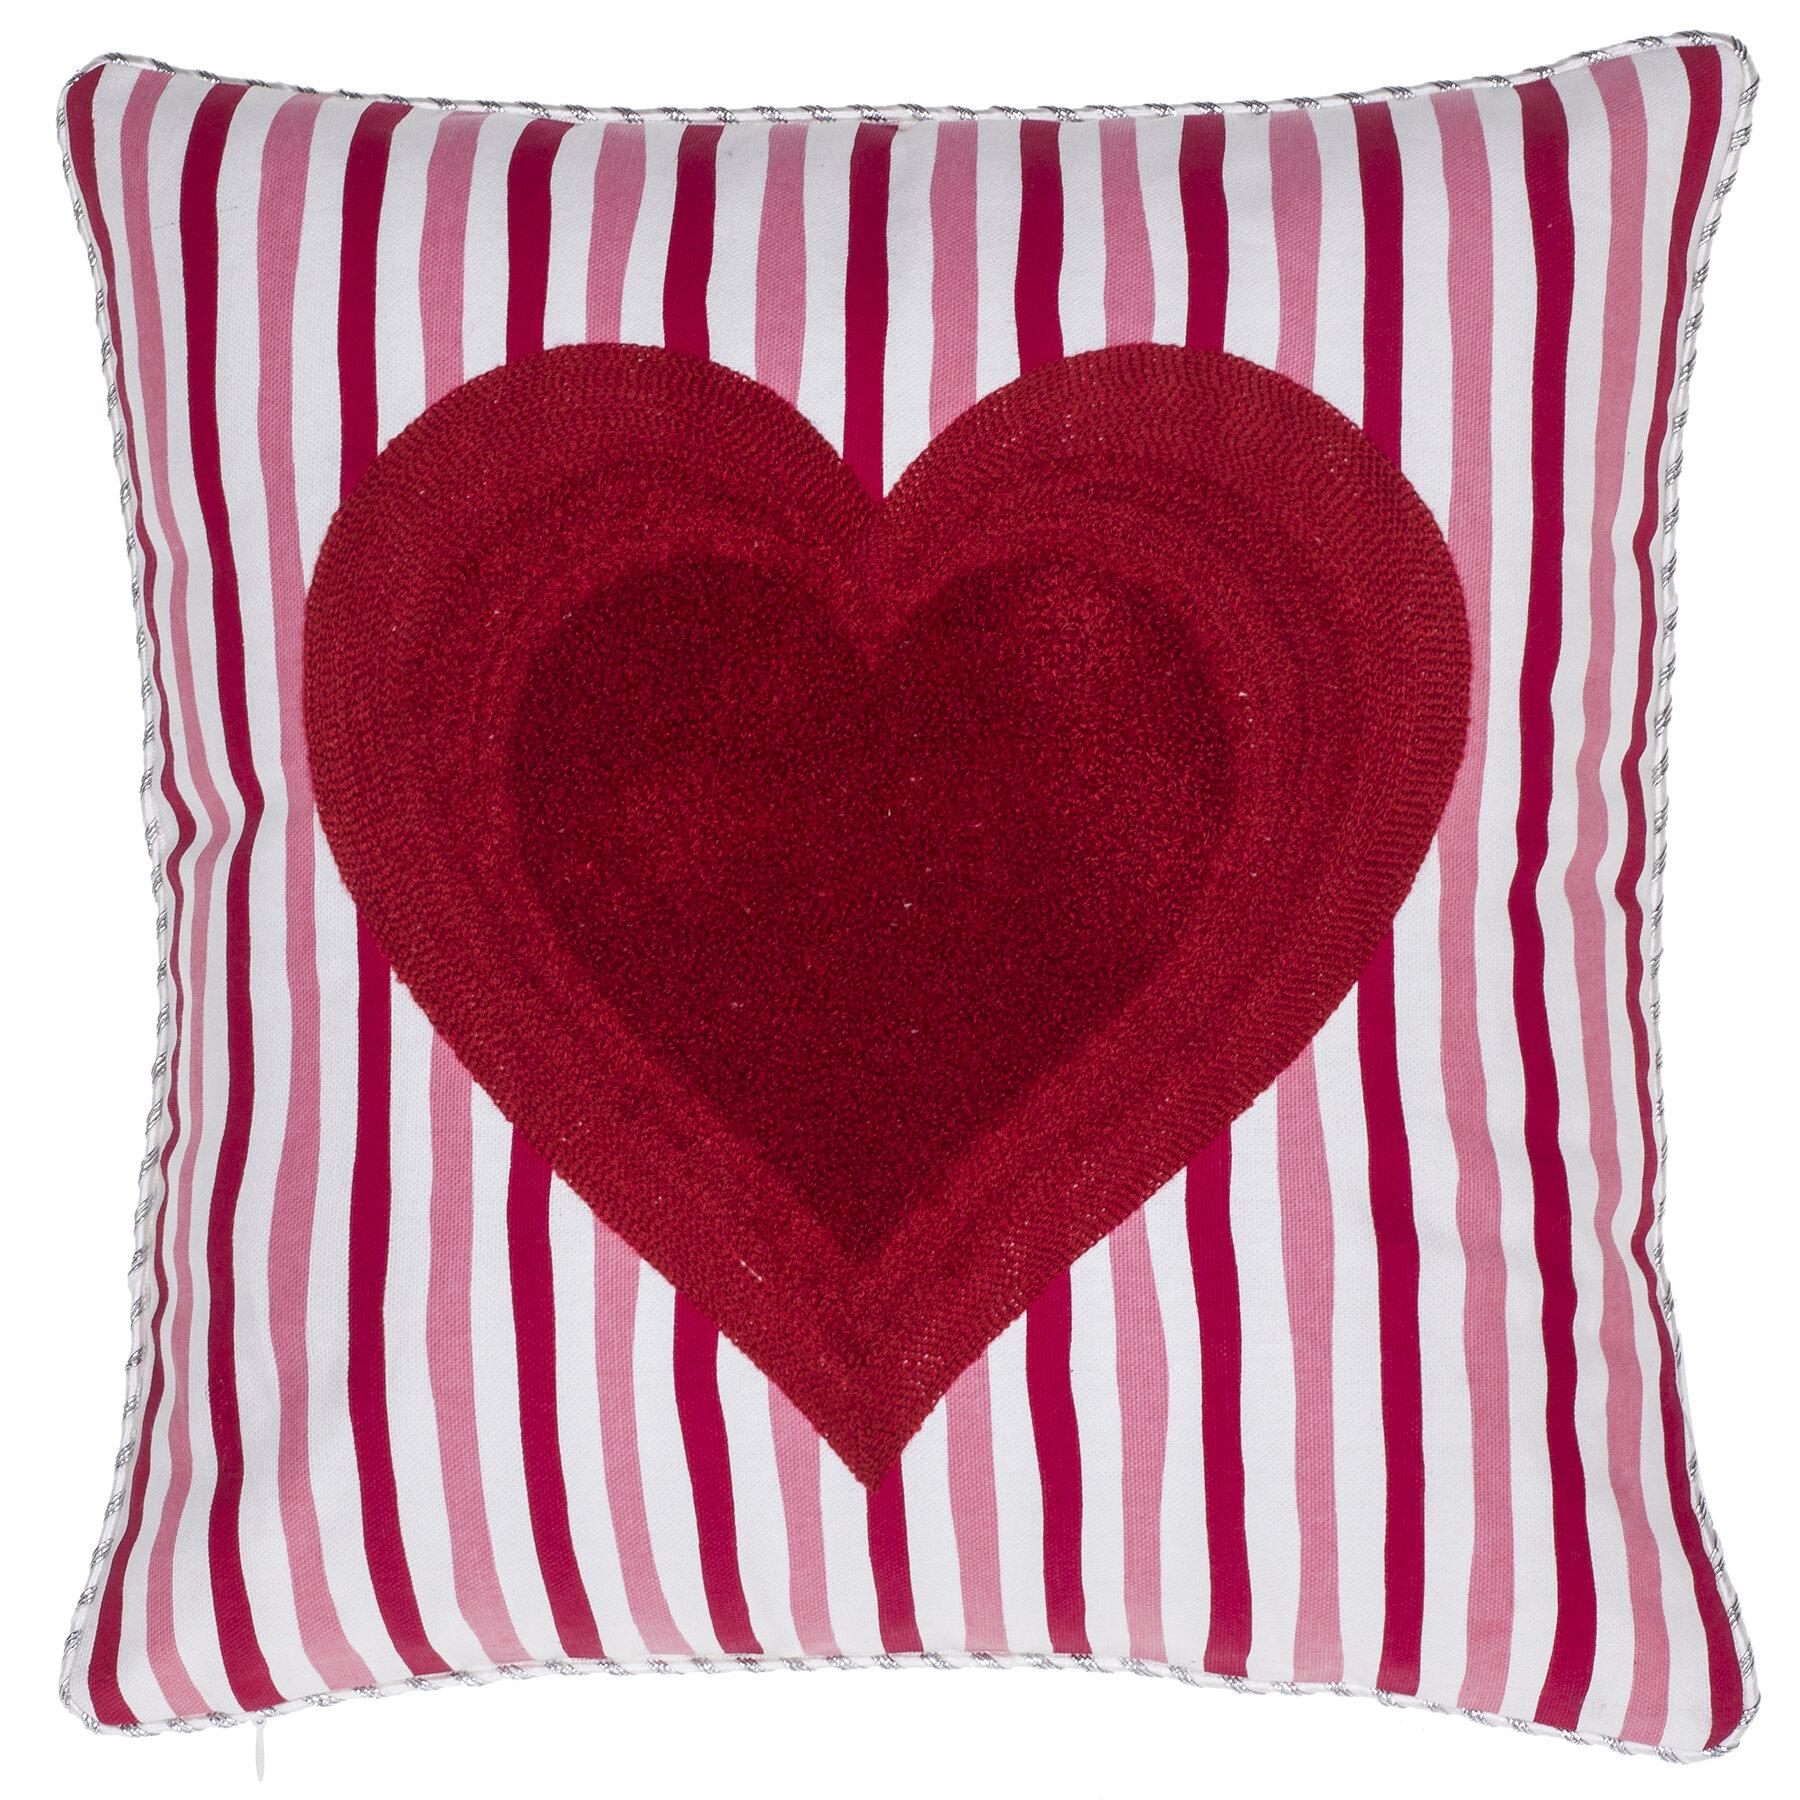 14 Karat Home Inc Queen Of Heart Cotton Throw Pillow Reviews Wayfair